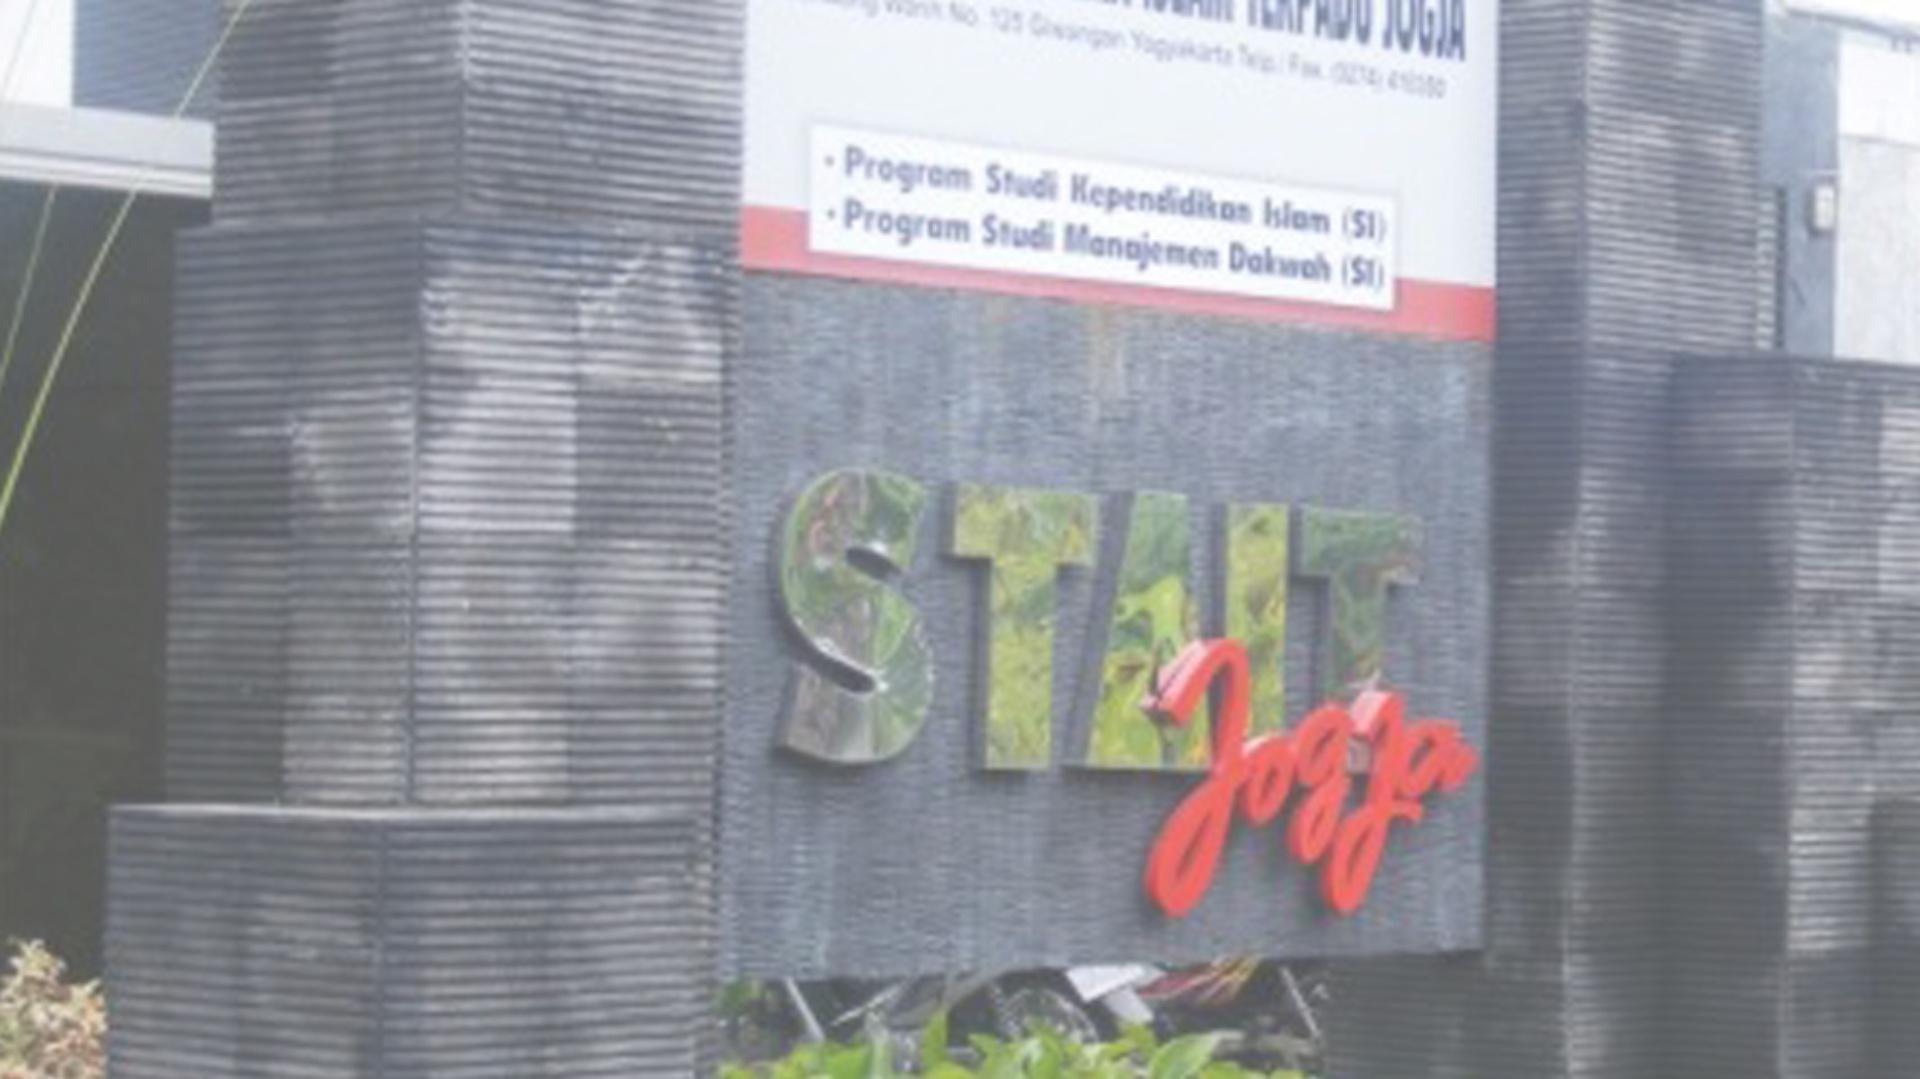 STAIT Yogyakarta